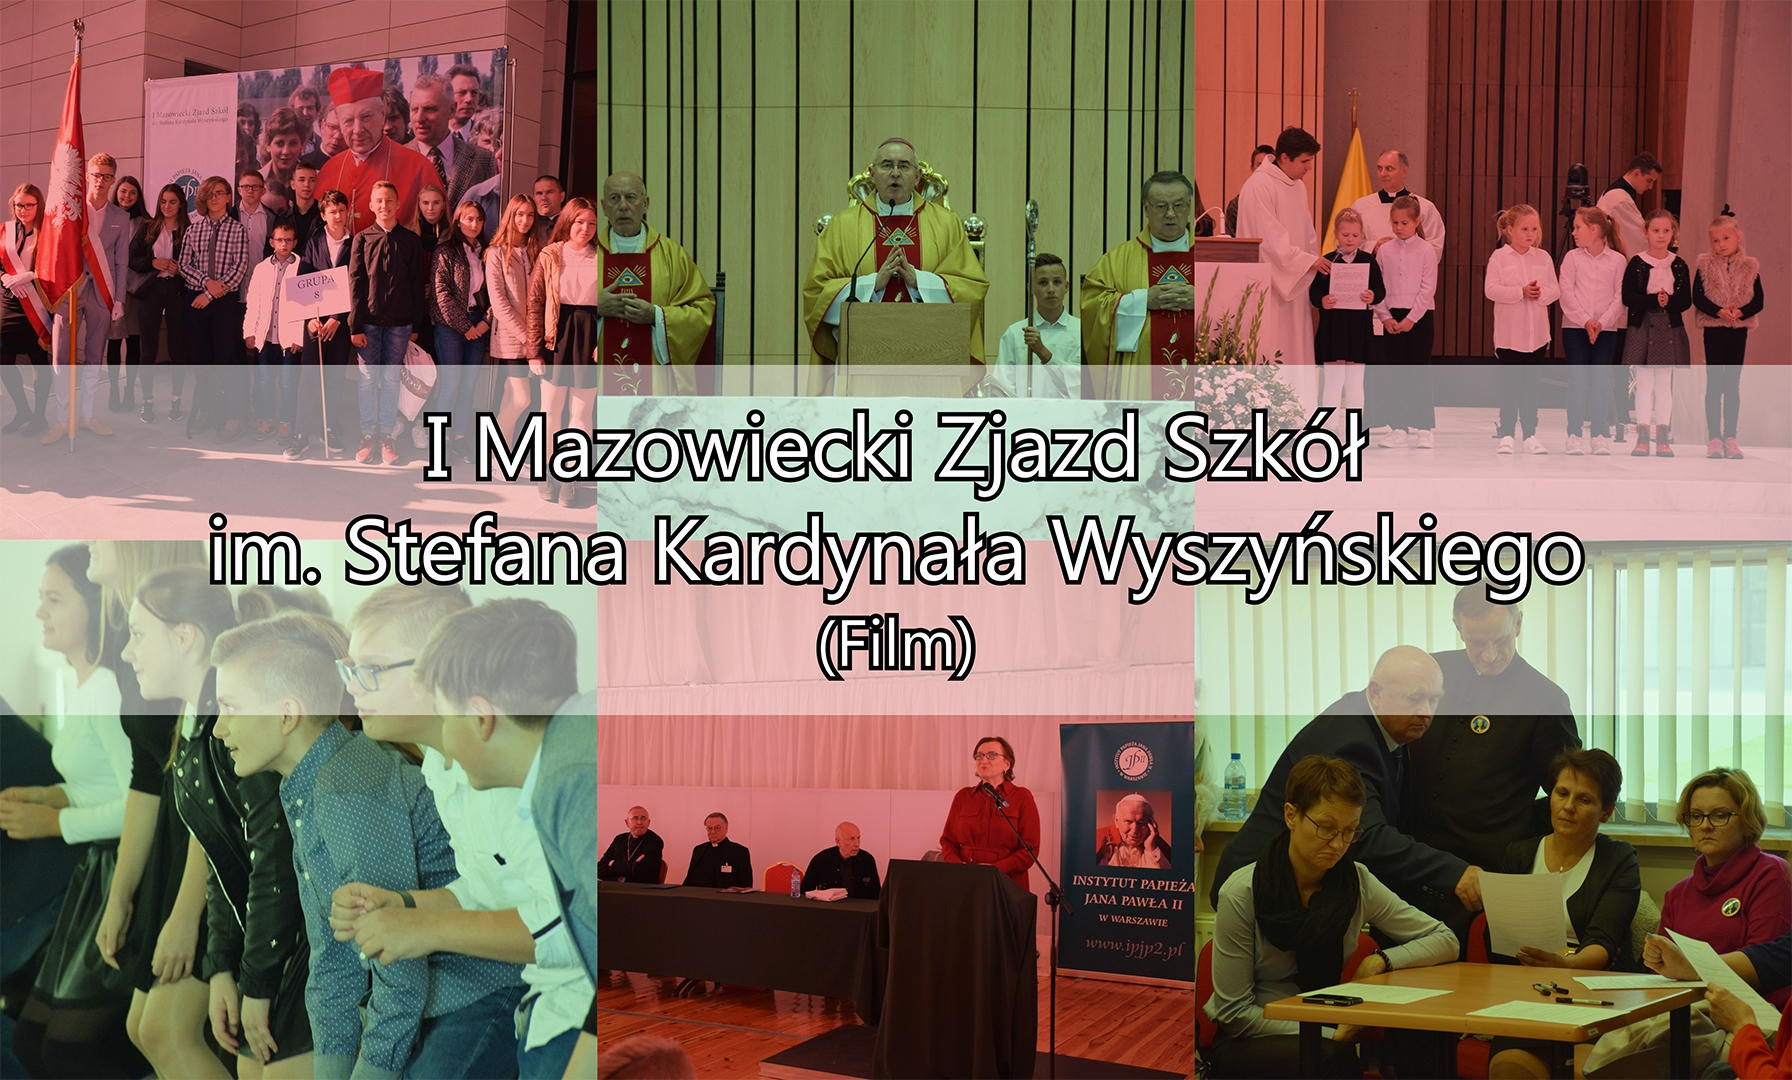 IMazowiecki Zjazd Szkół im.Stefana Kardynała Wyszyńskiego [FILM]